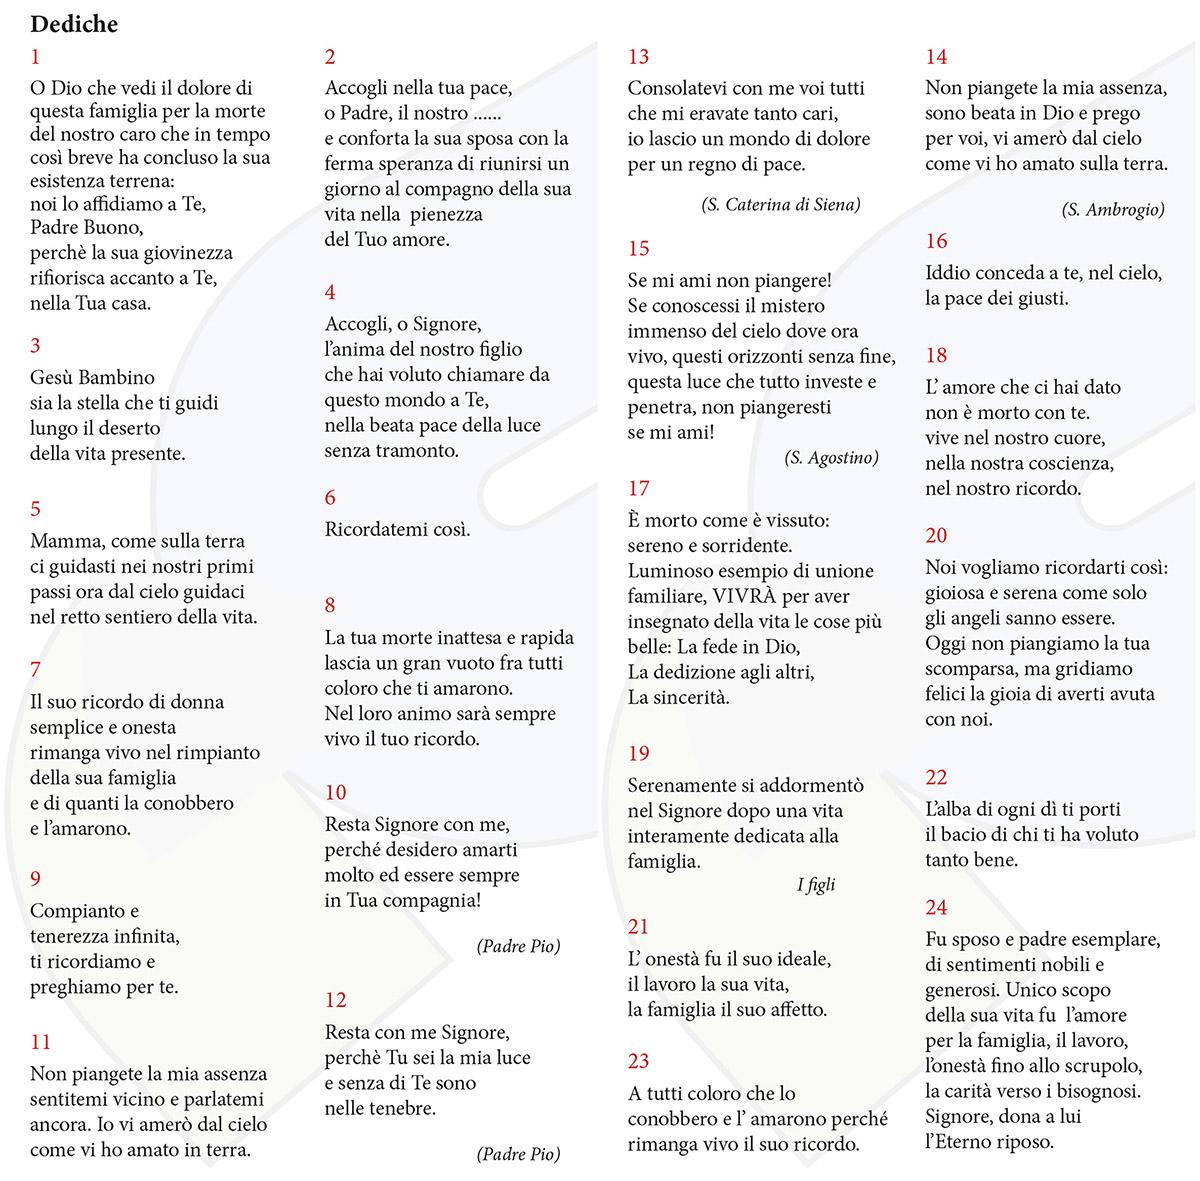 dediche1